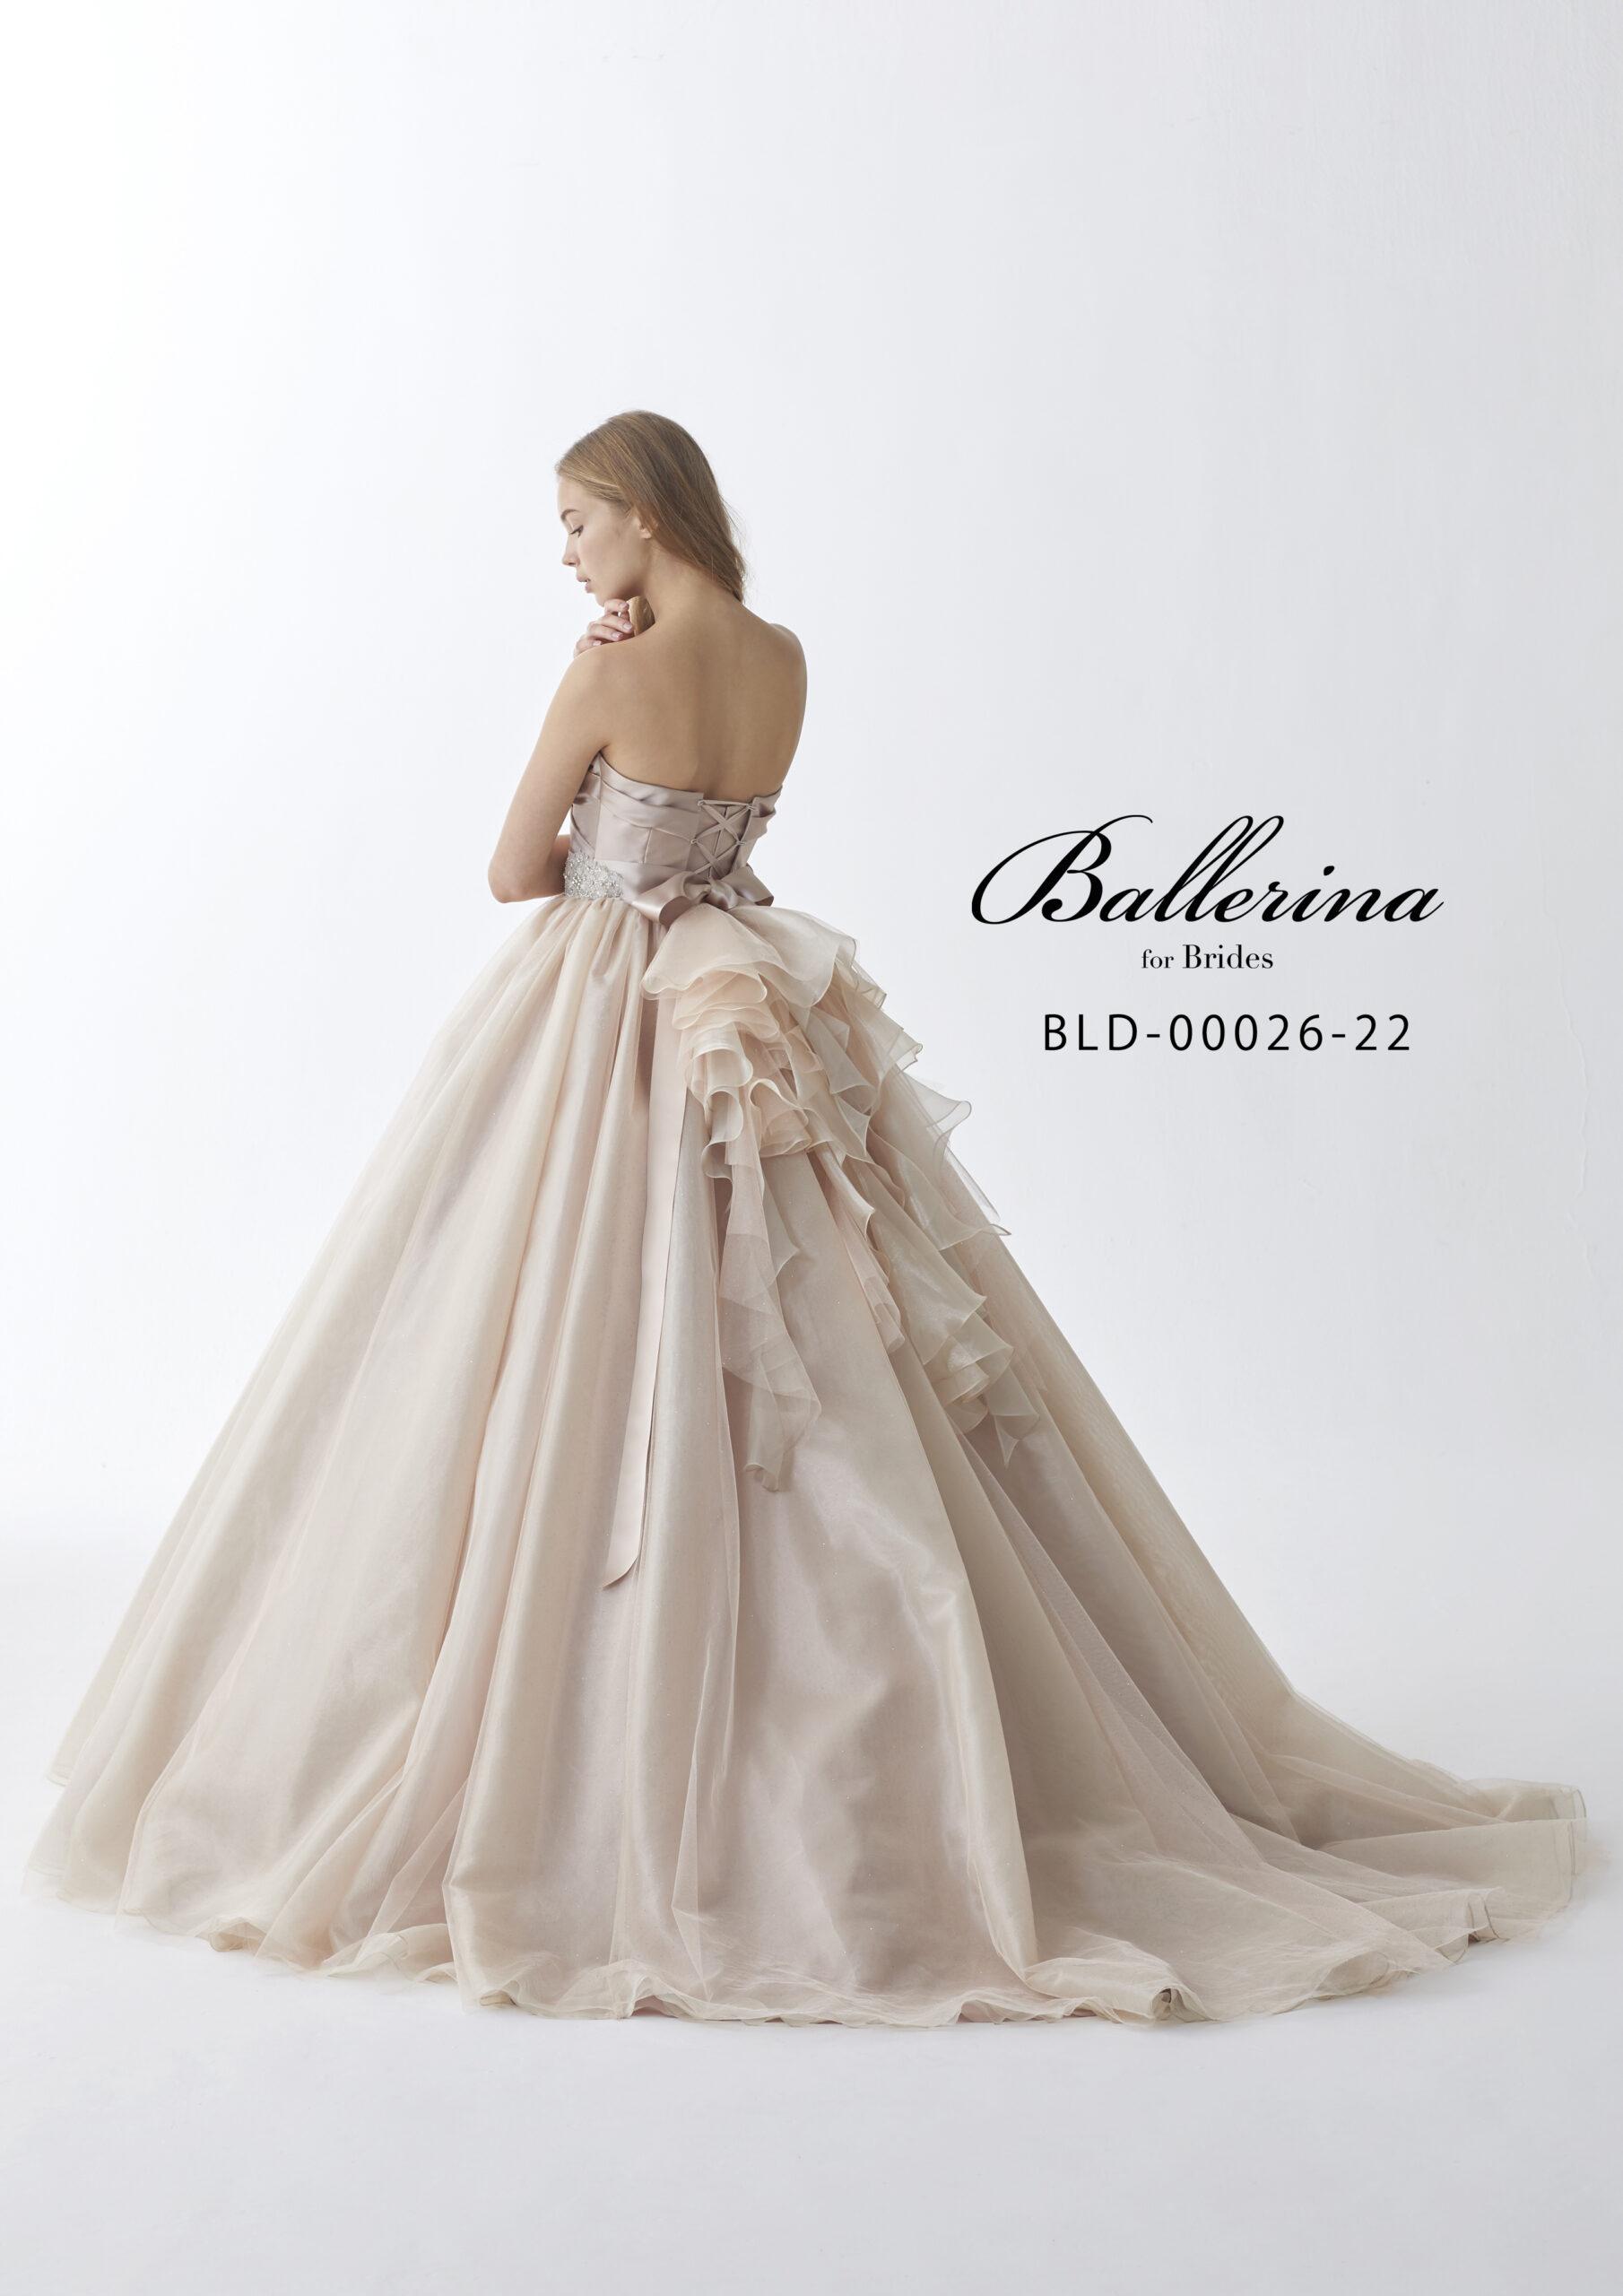 Ballerina for Brides